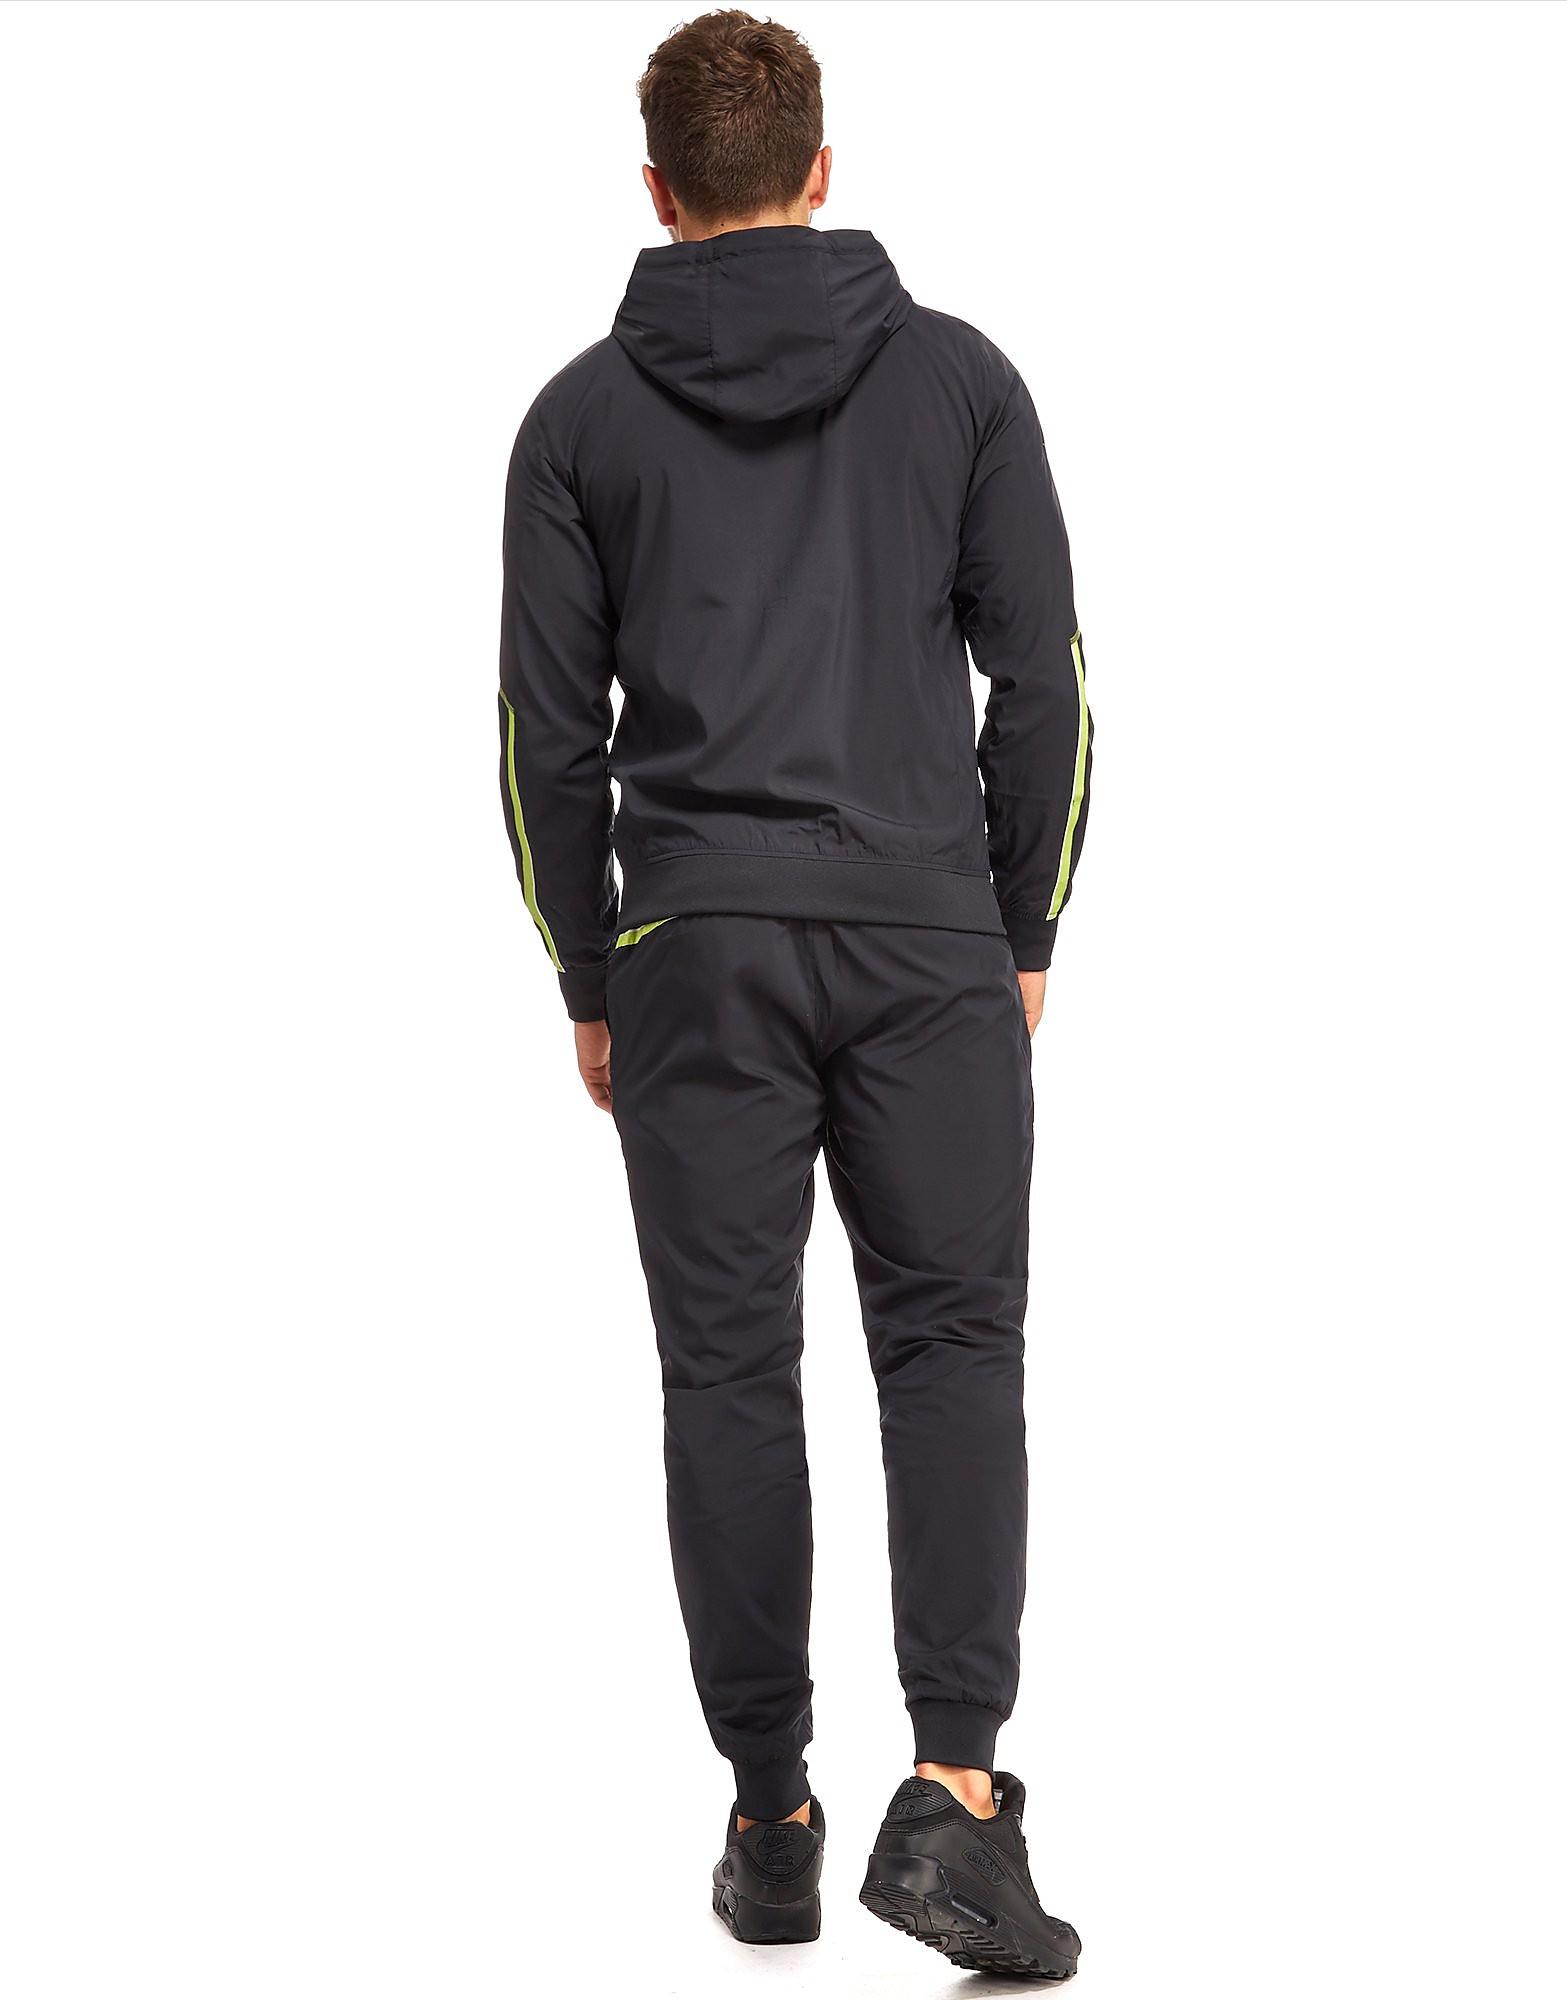 Emporio Armani EA7 Ventus Hood Suit